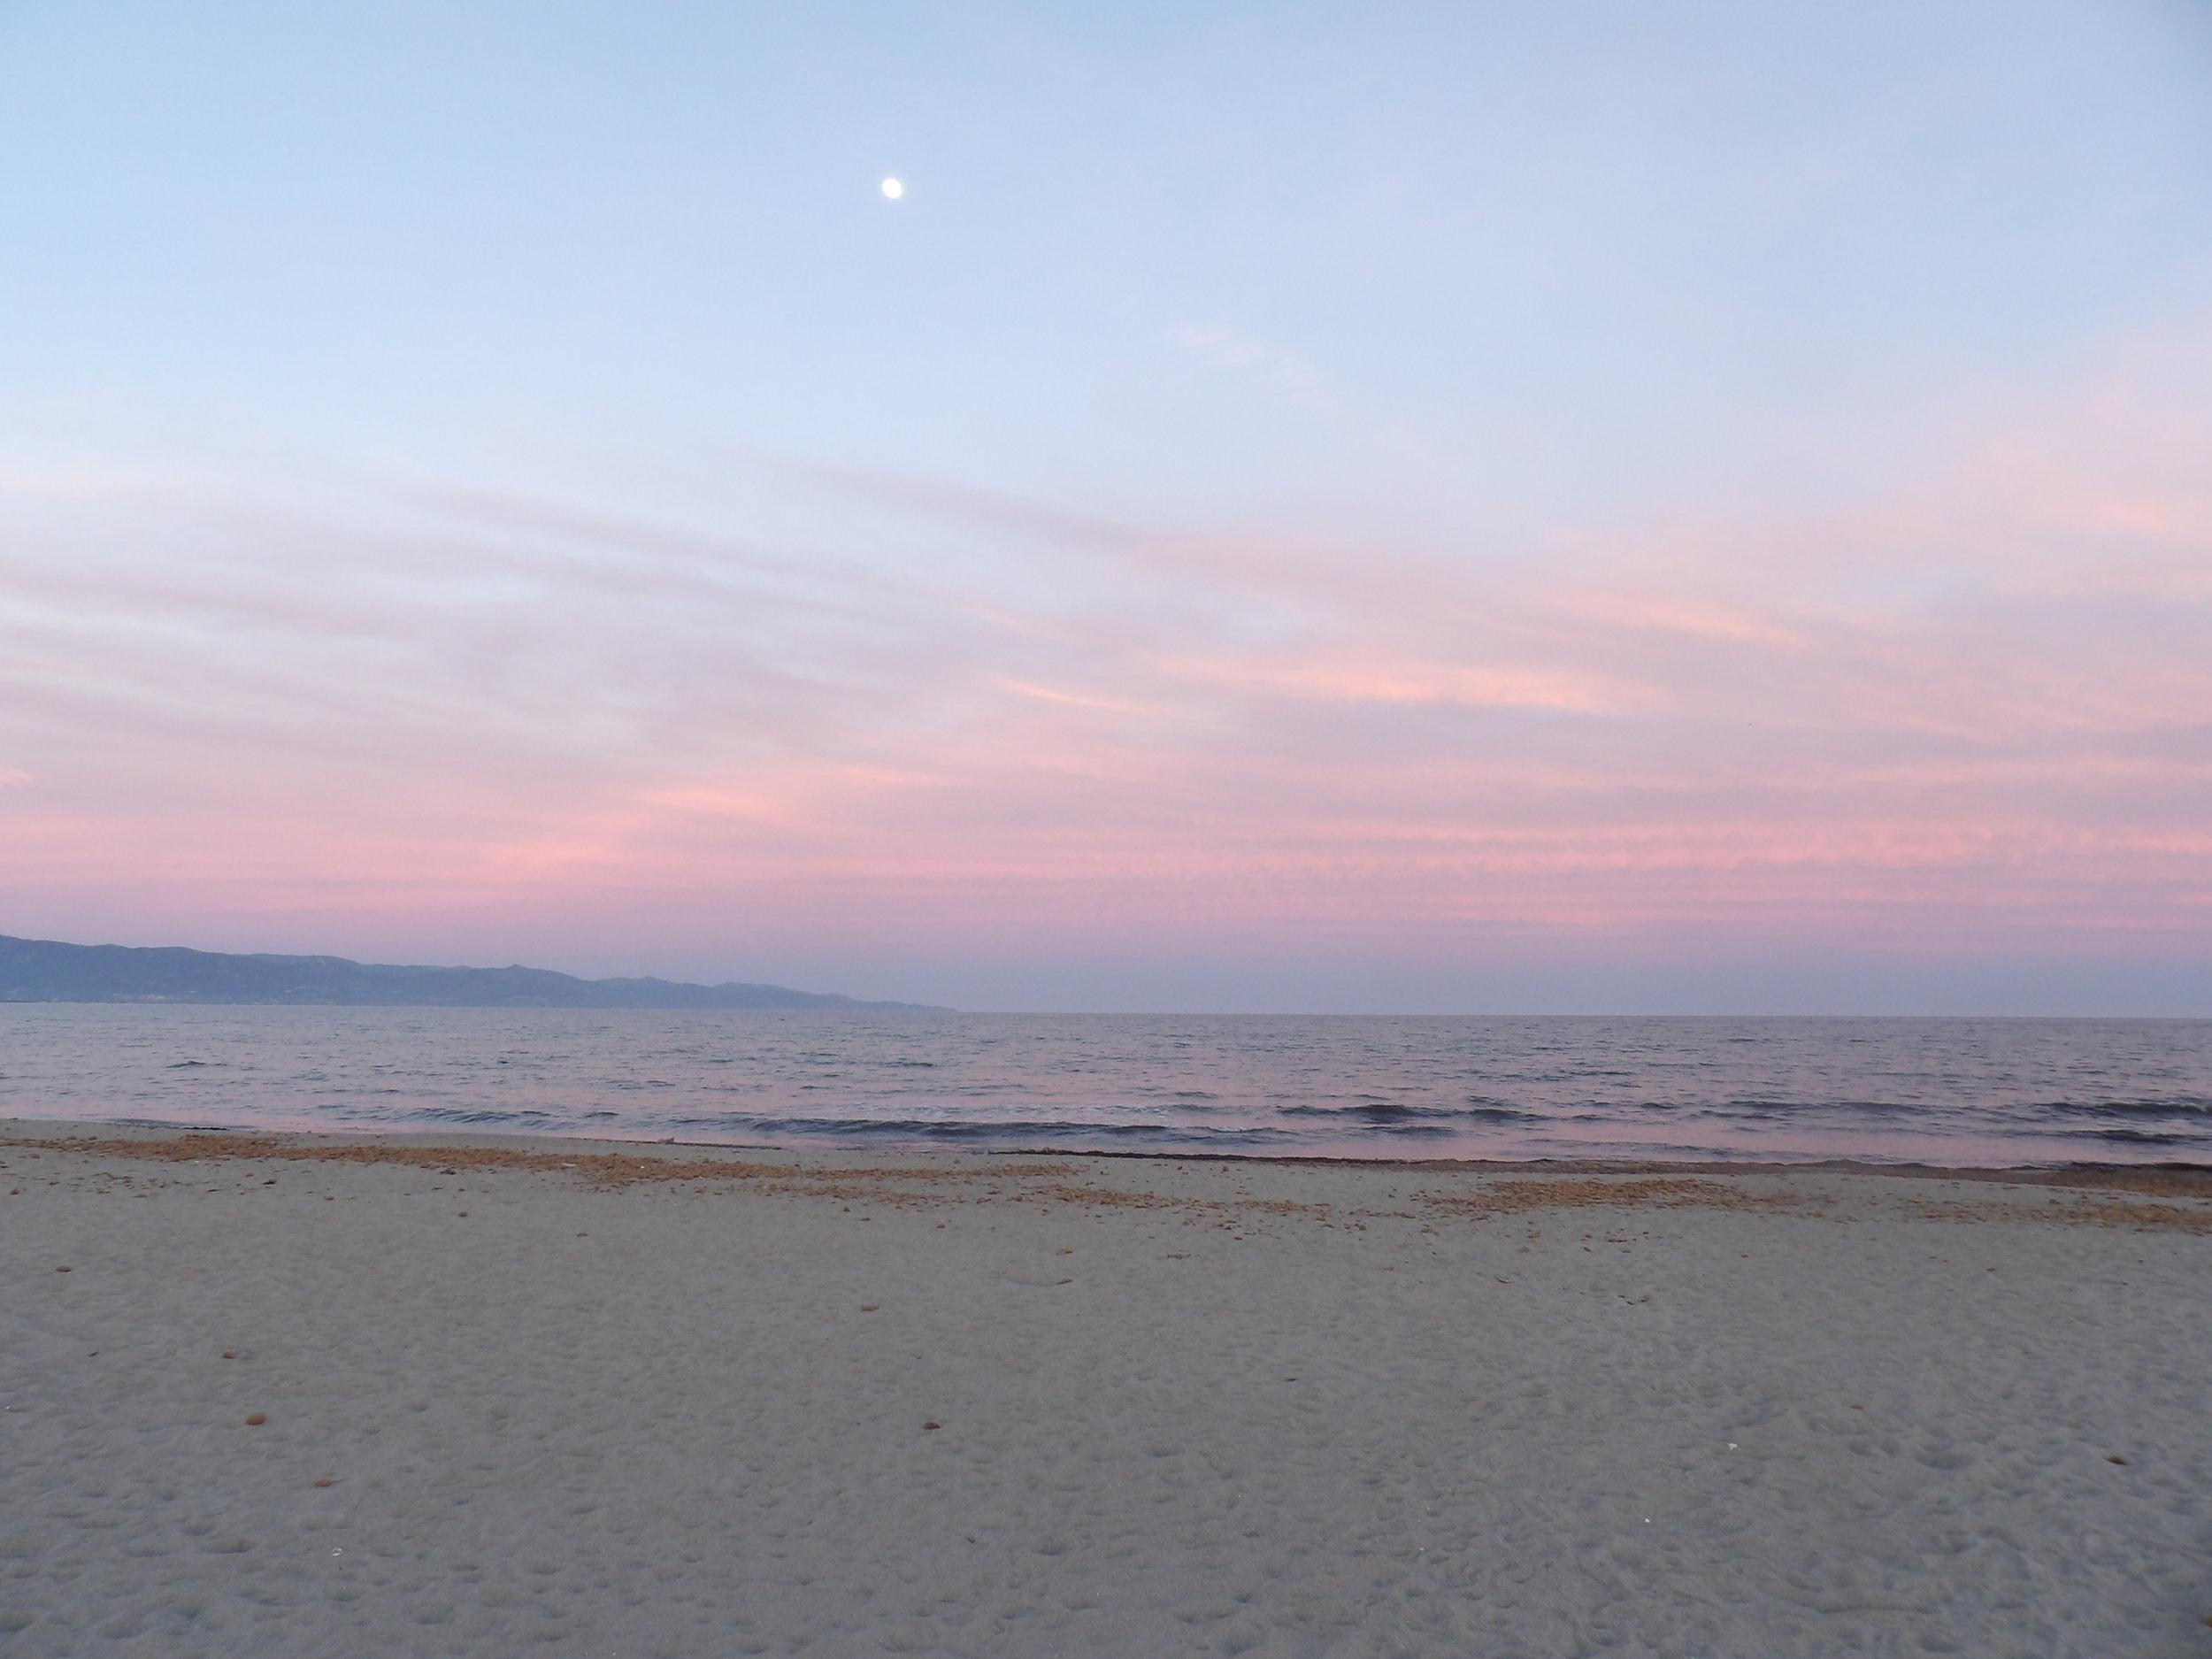 Souvenir d'un beau moment en 2017 sur une plage à Cagliari, en Sardaigne, où je me suis sentie profondément apaisée, en harmonie, après le travail sur moi accompagnée par ma Moon Mother® pendant environ un an. Je me sentais désormais prête à moi aussi,  transmettre!    Photo : Tous droits réservés © Vers De Beaux Horizons